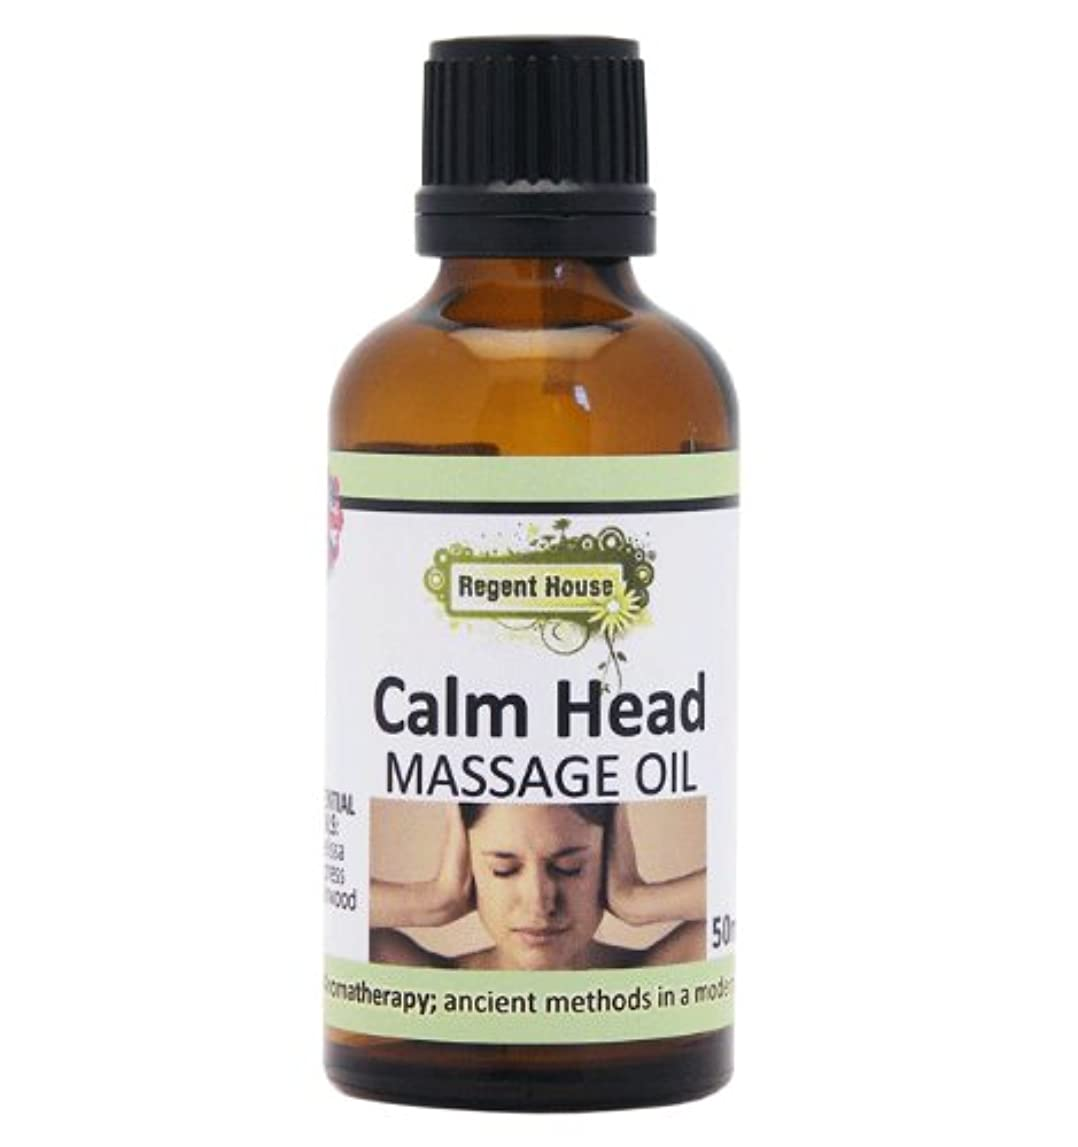 災害知事逃れる天然の精油がたっぷり入って、この値段。 アロマ ナチュラル マッサージオイル 50ml カームヘッド(Aroma Massage Oil Calm Head)